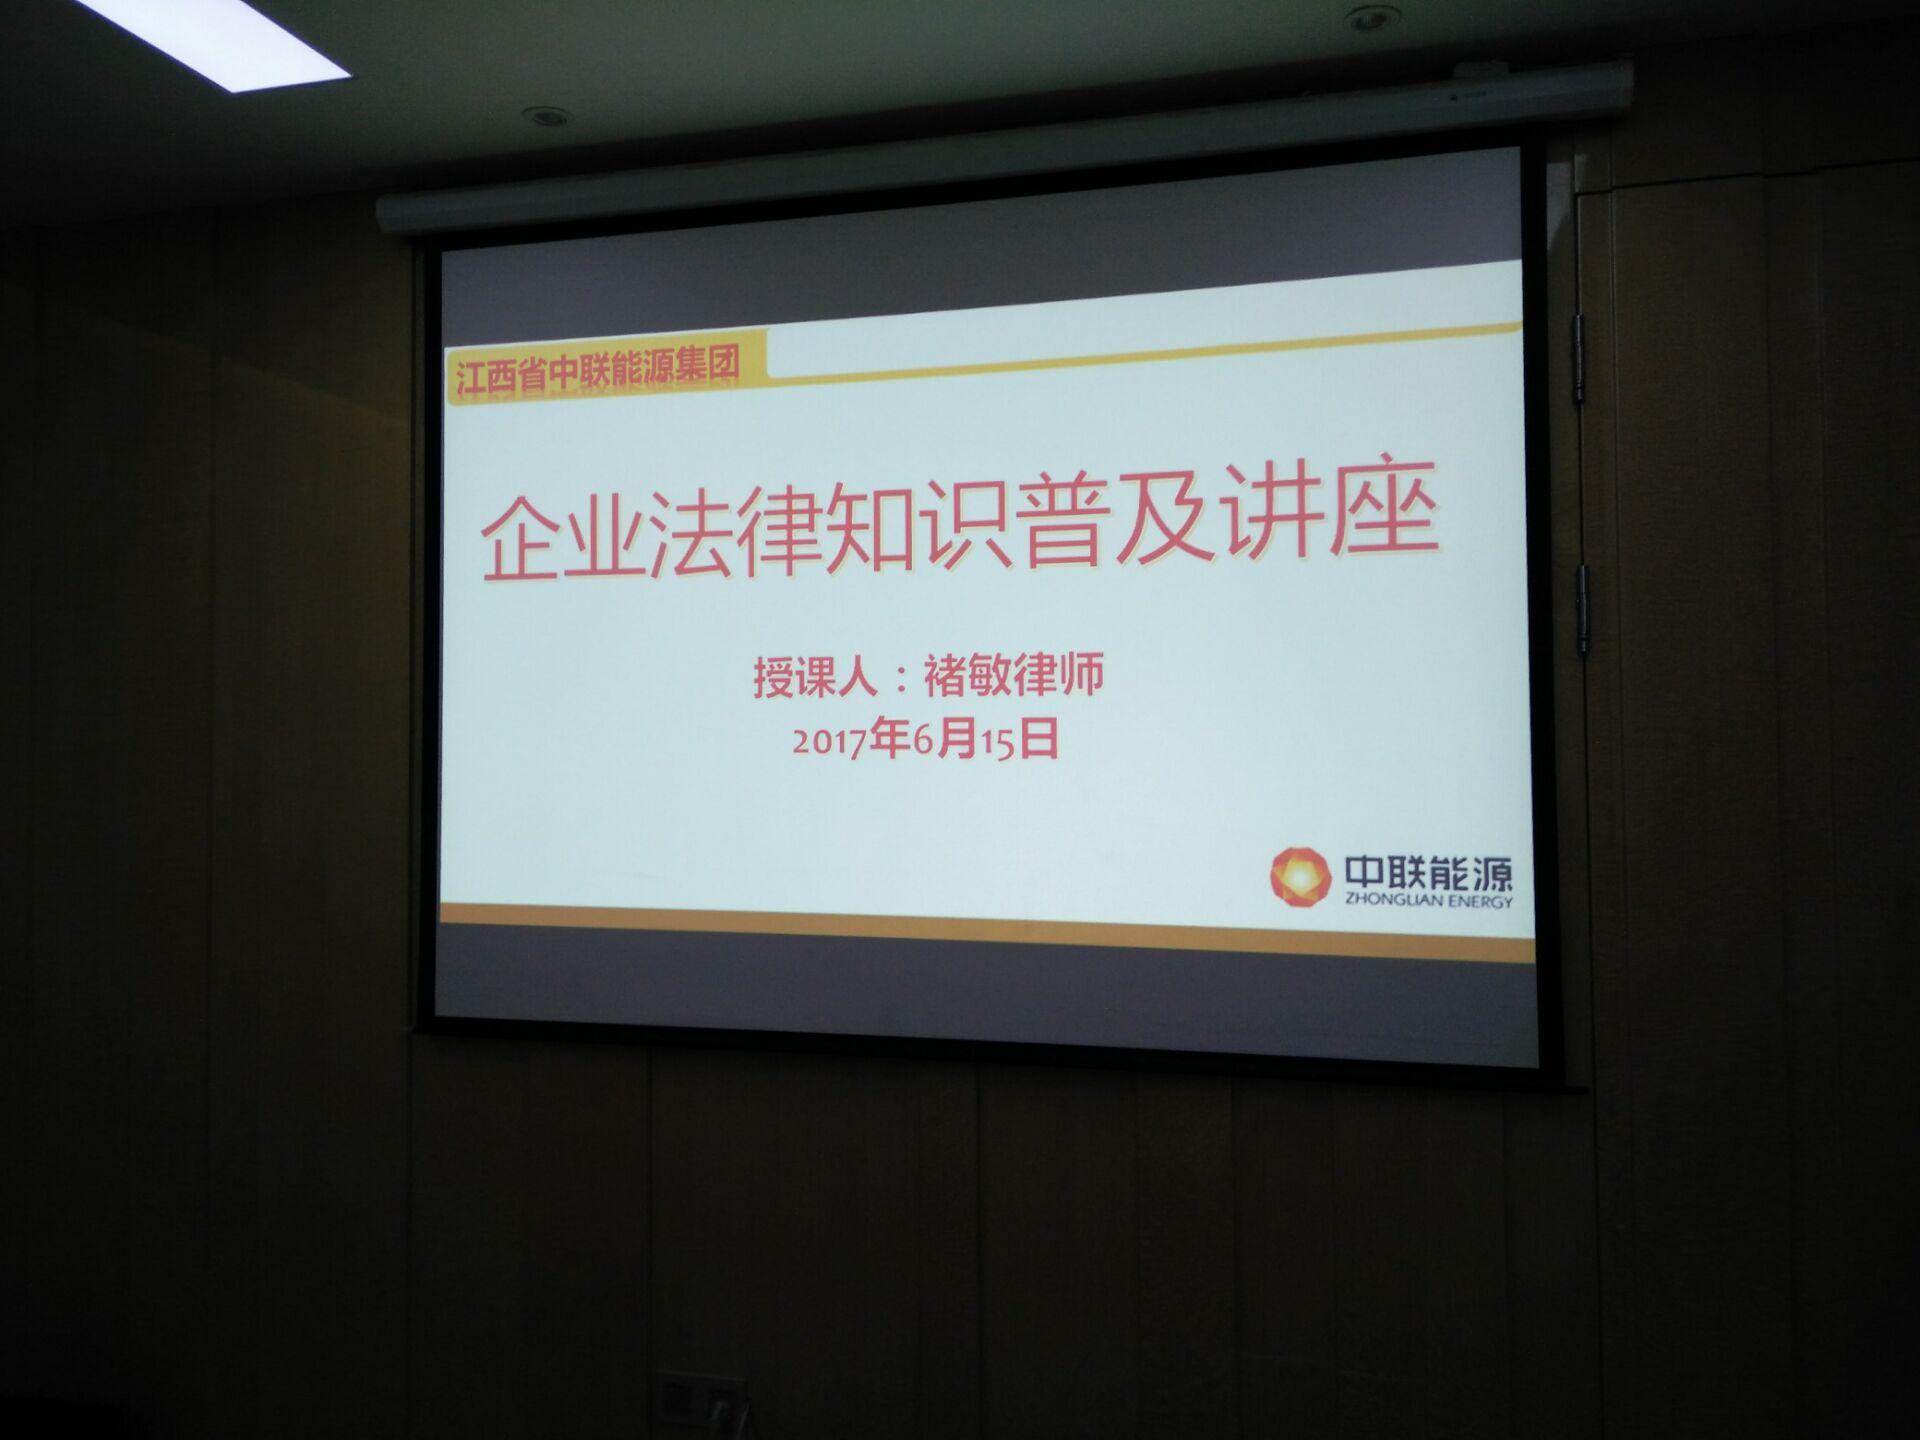 龙8国际首页能源集团法律知识普及讲座